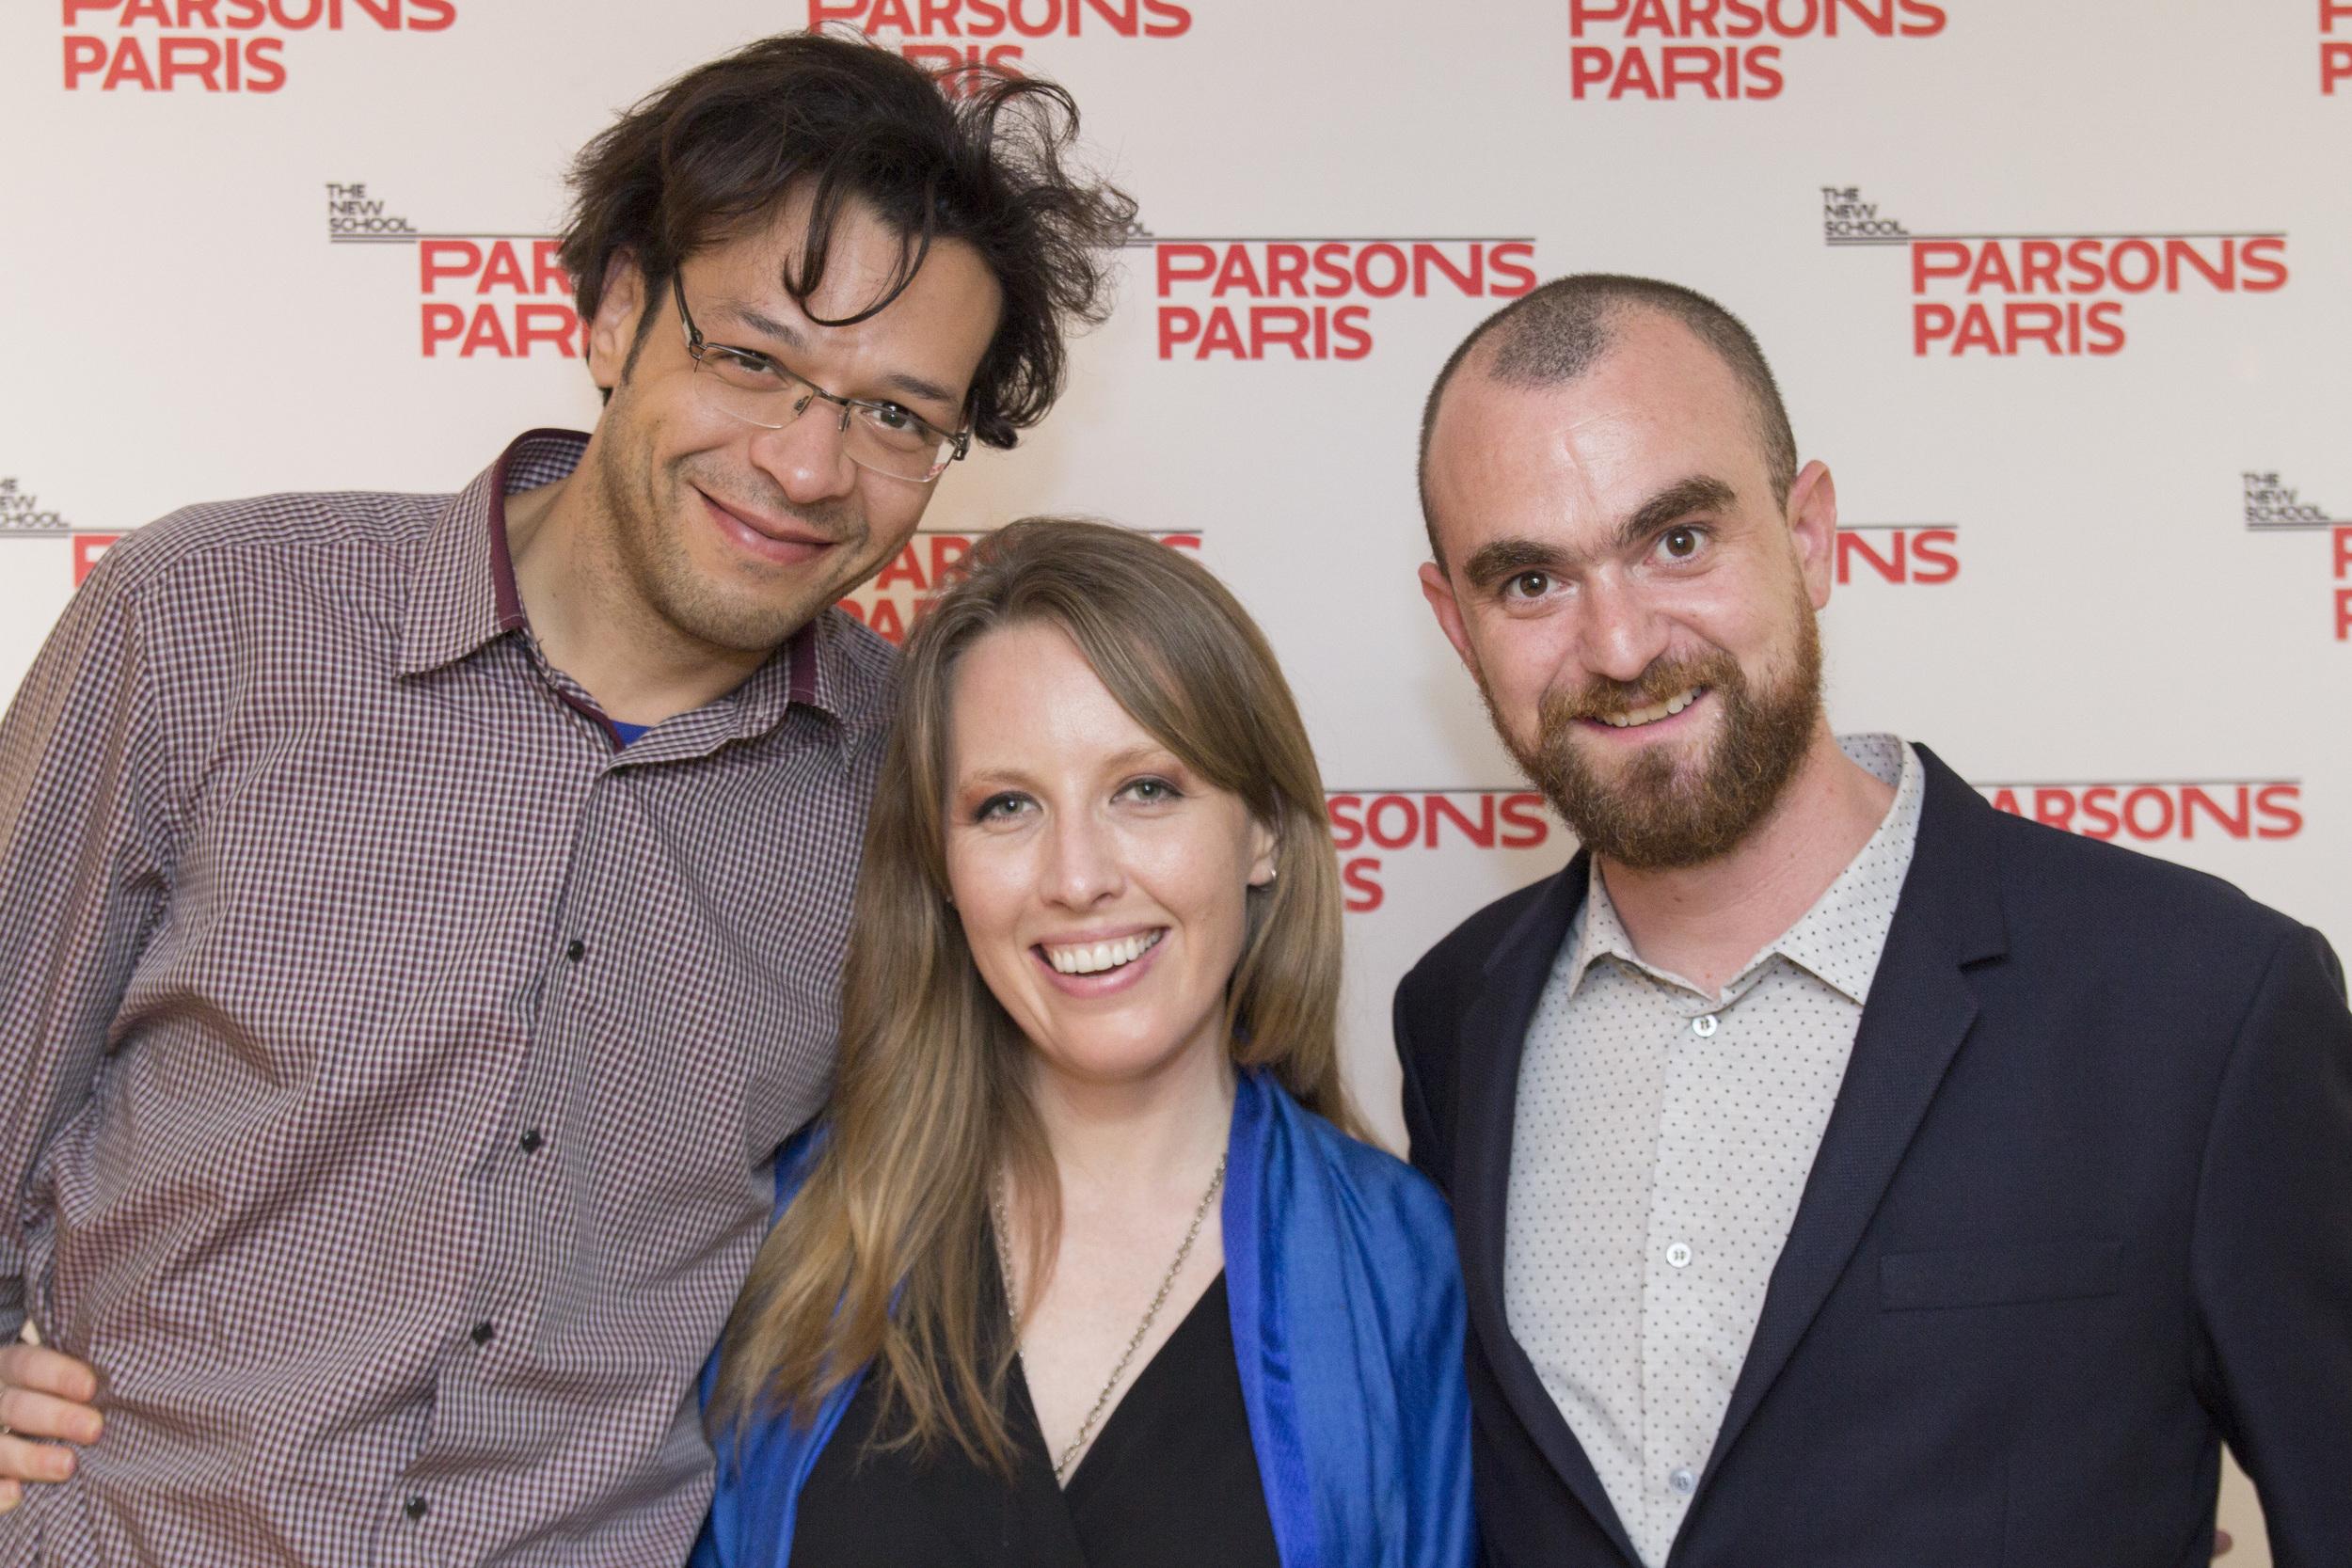 TNS_ParsonsParis_Graduation_140.jpg